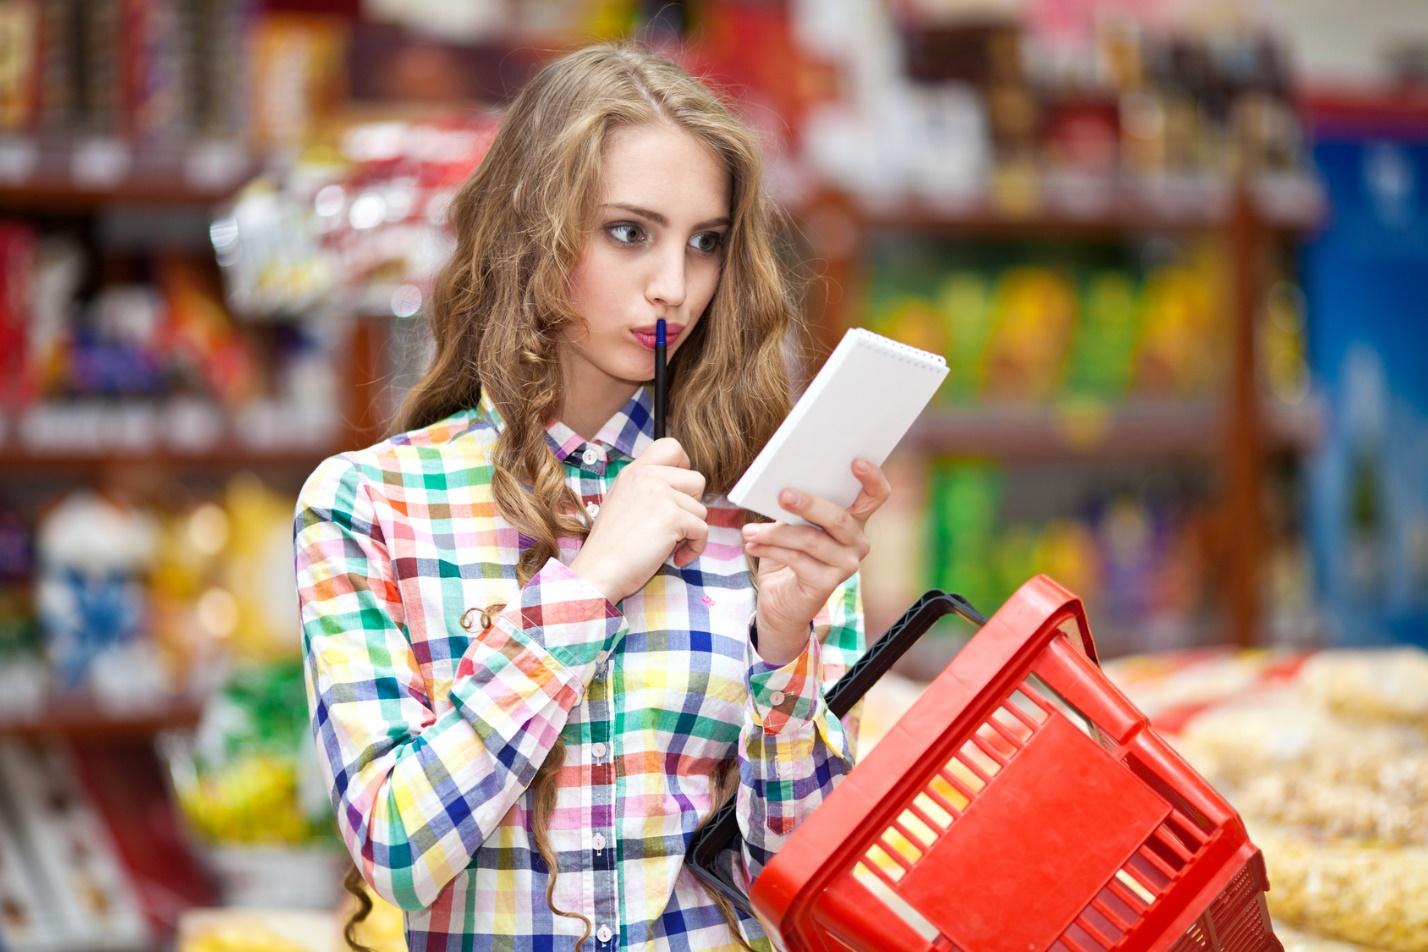 Ненужные покупки: как не попасть под влияние маркетологов